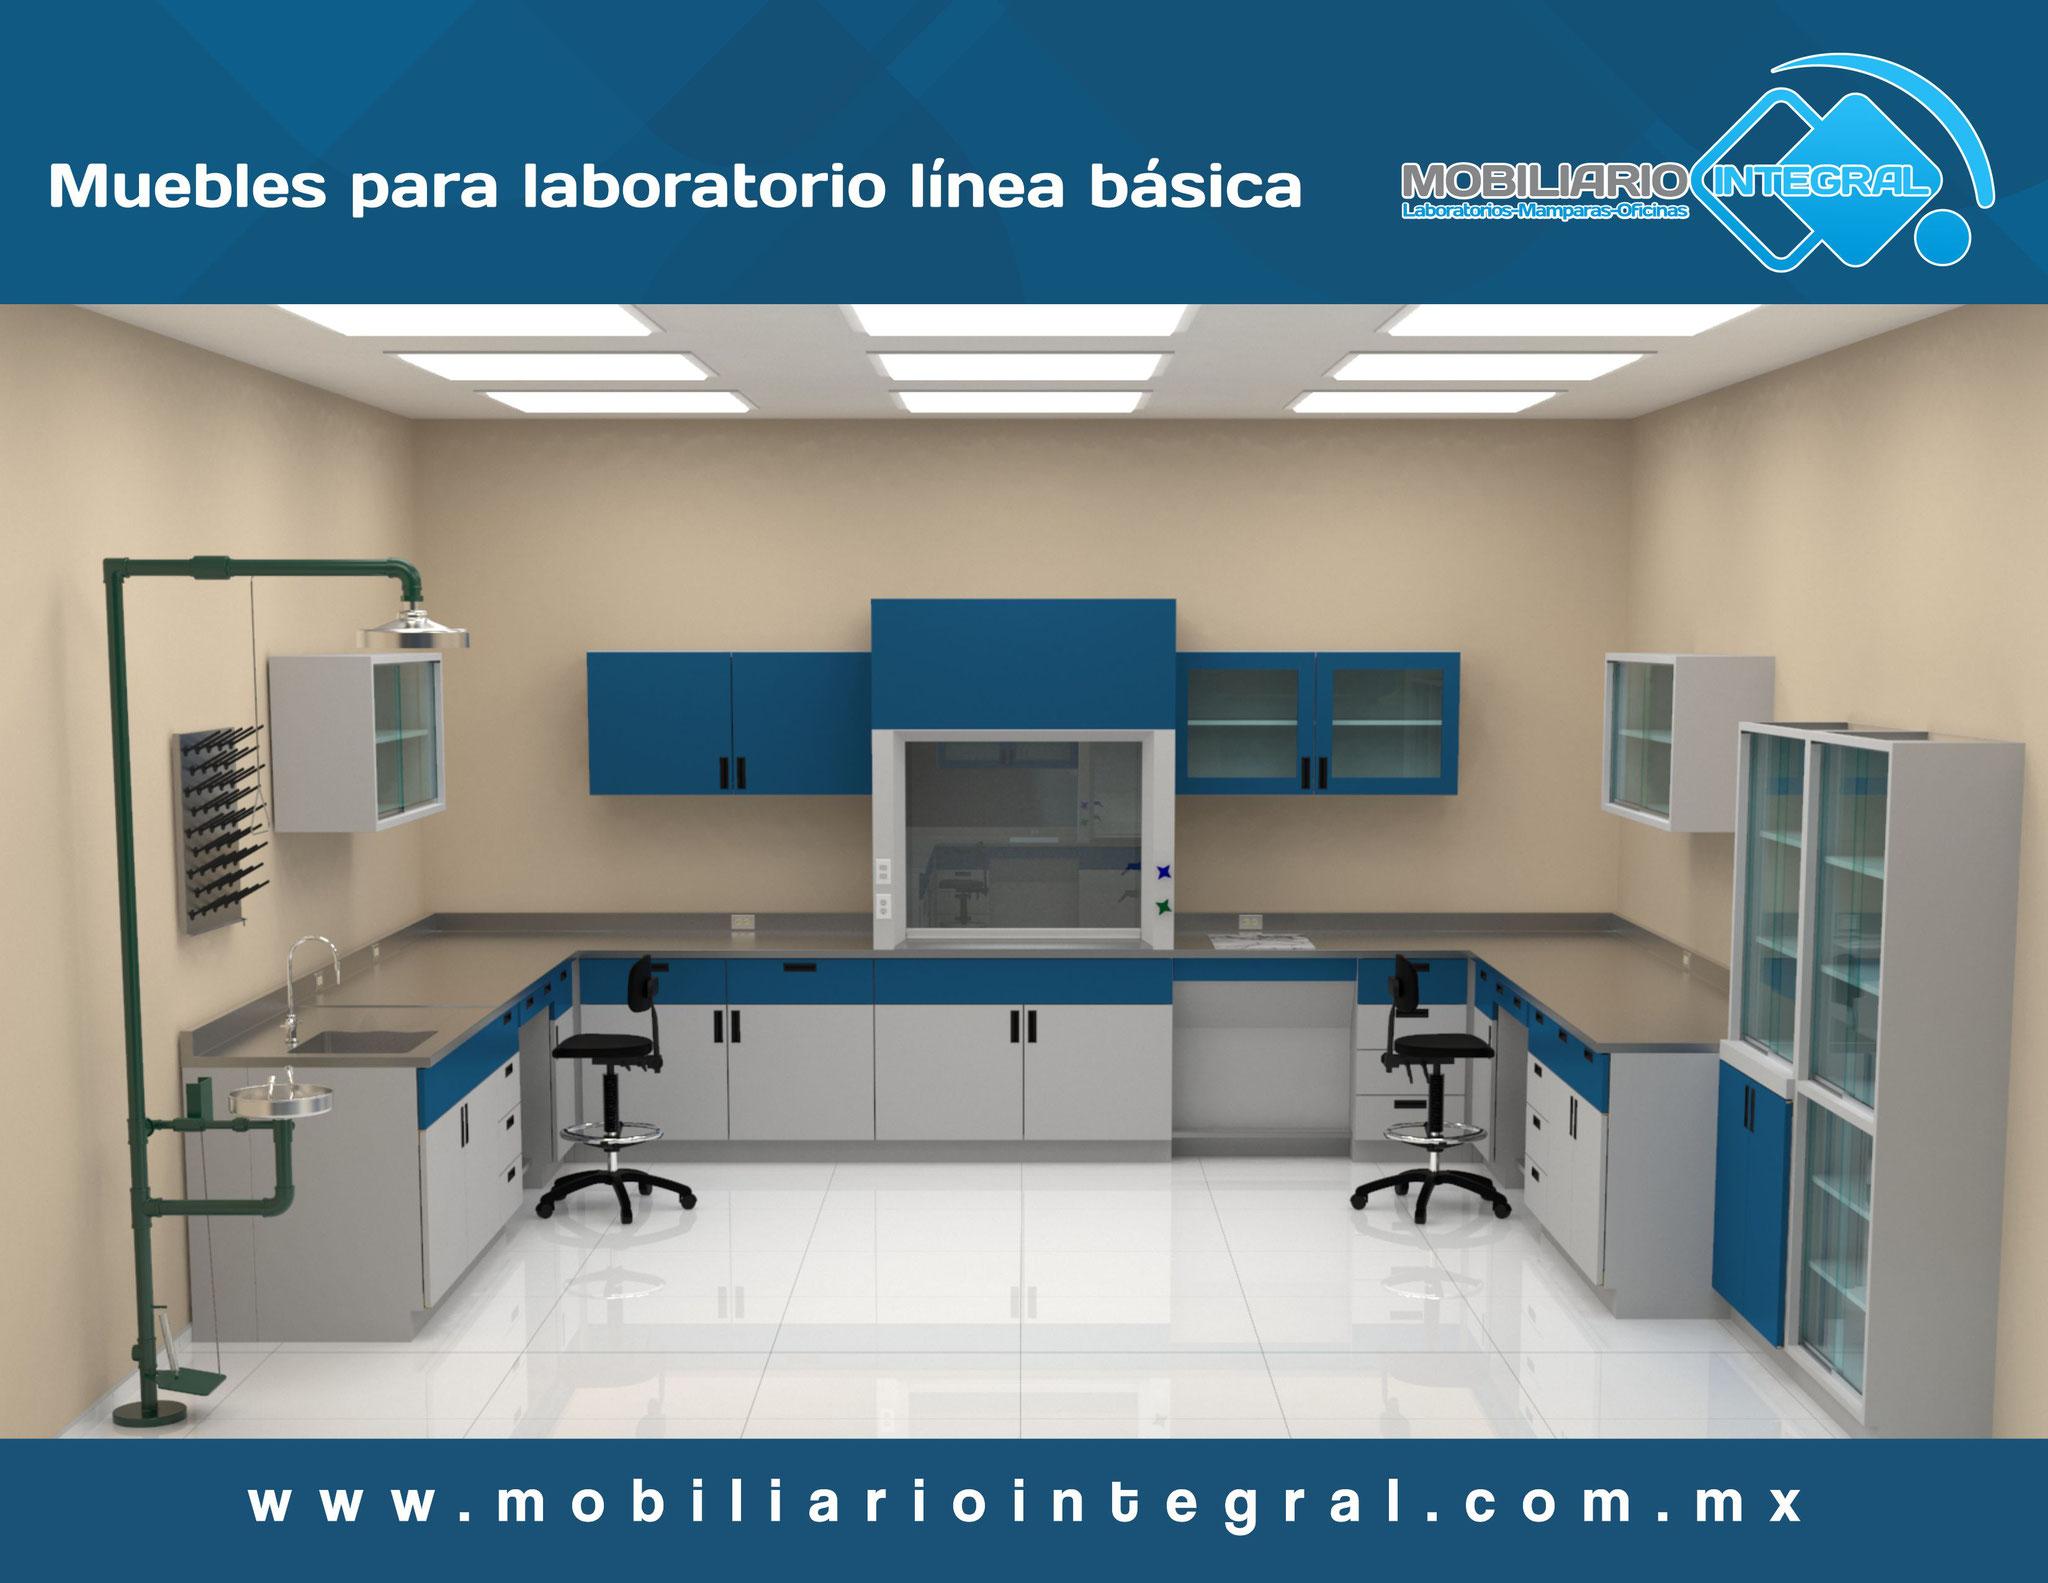 Muebles para laboratorio en Cuauhtémoc